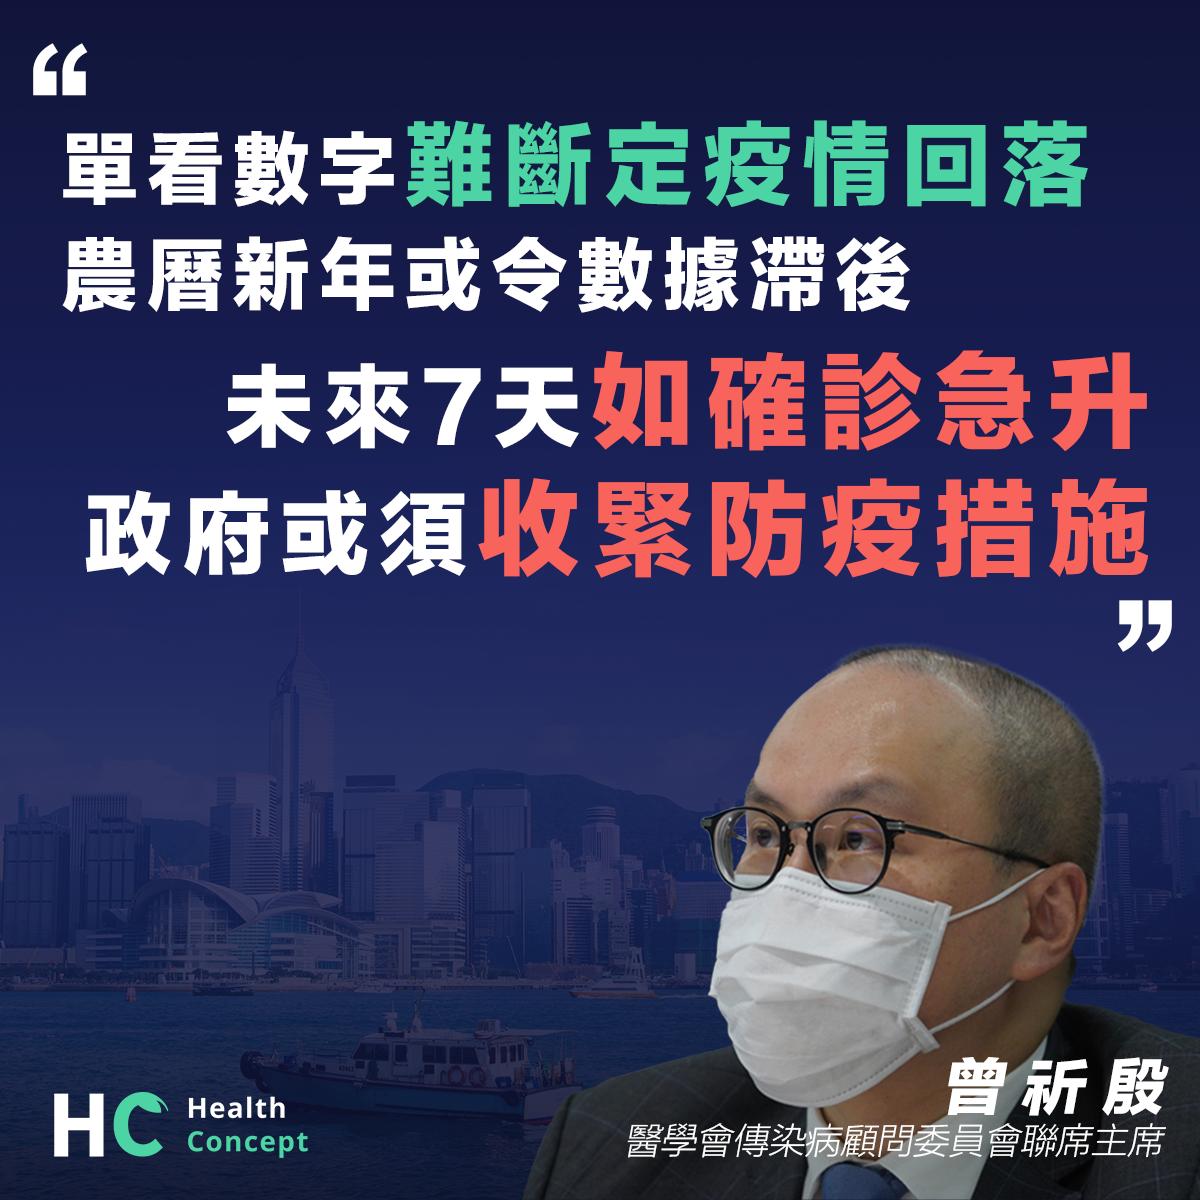 曾祈殷:如未來7天確診急升 或須收緊防疫措施